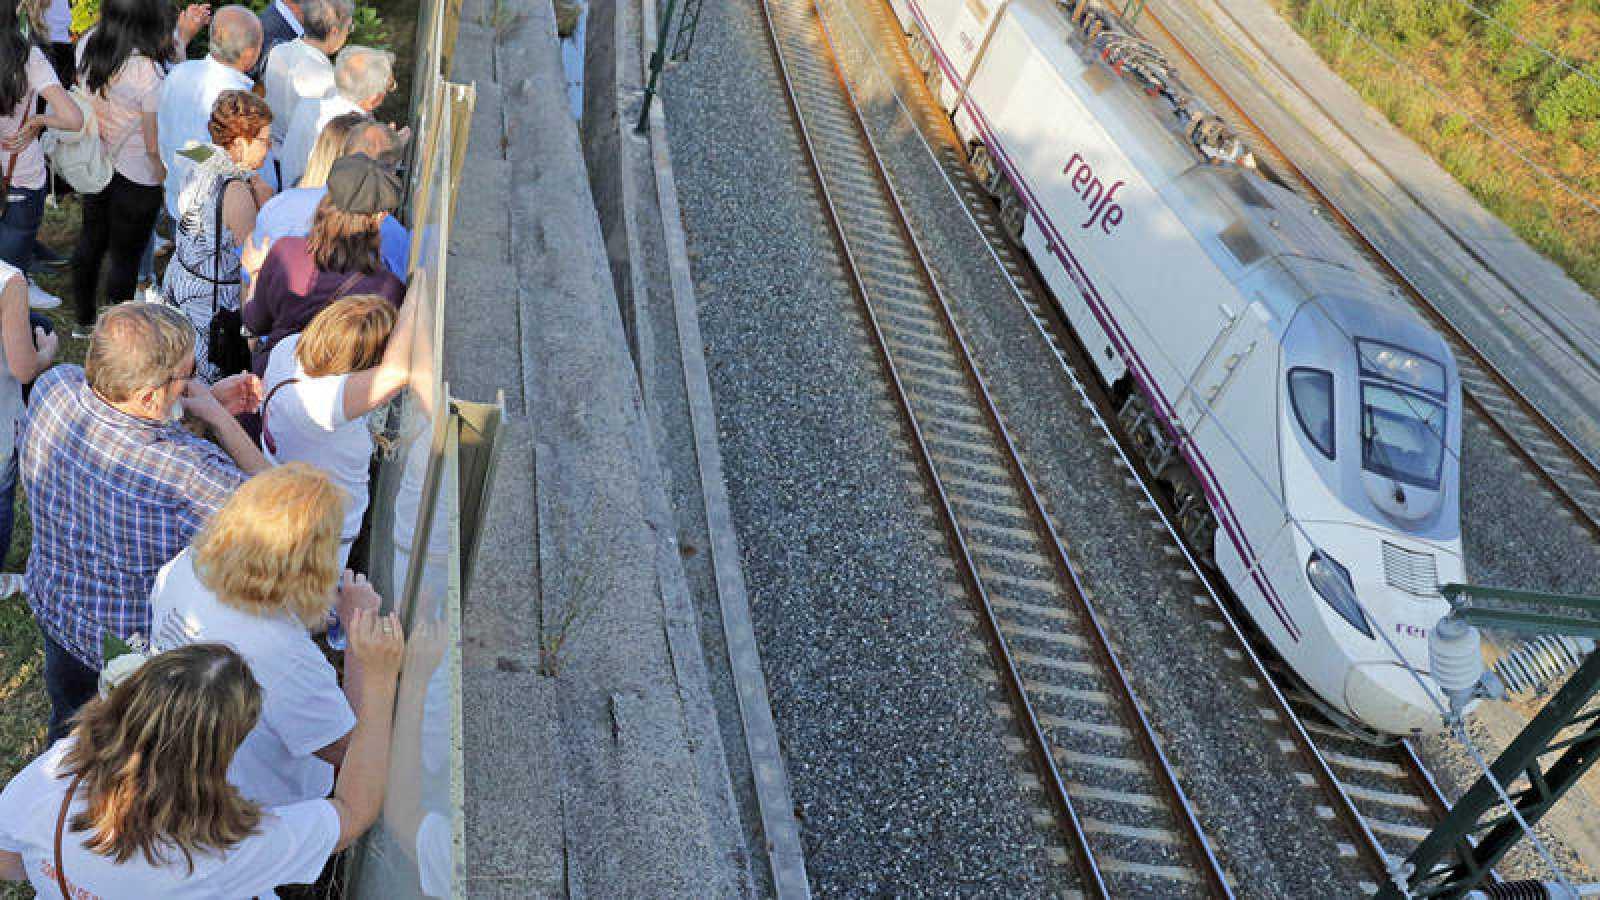 Familiares y amigos de las víctimas del accidente del Alvia, observan el paso de un tren a la misma hora del accidente de 2013, cinco años después